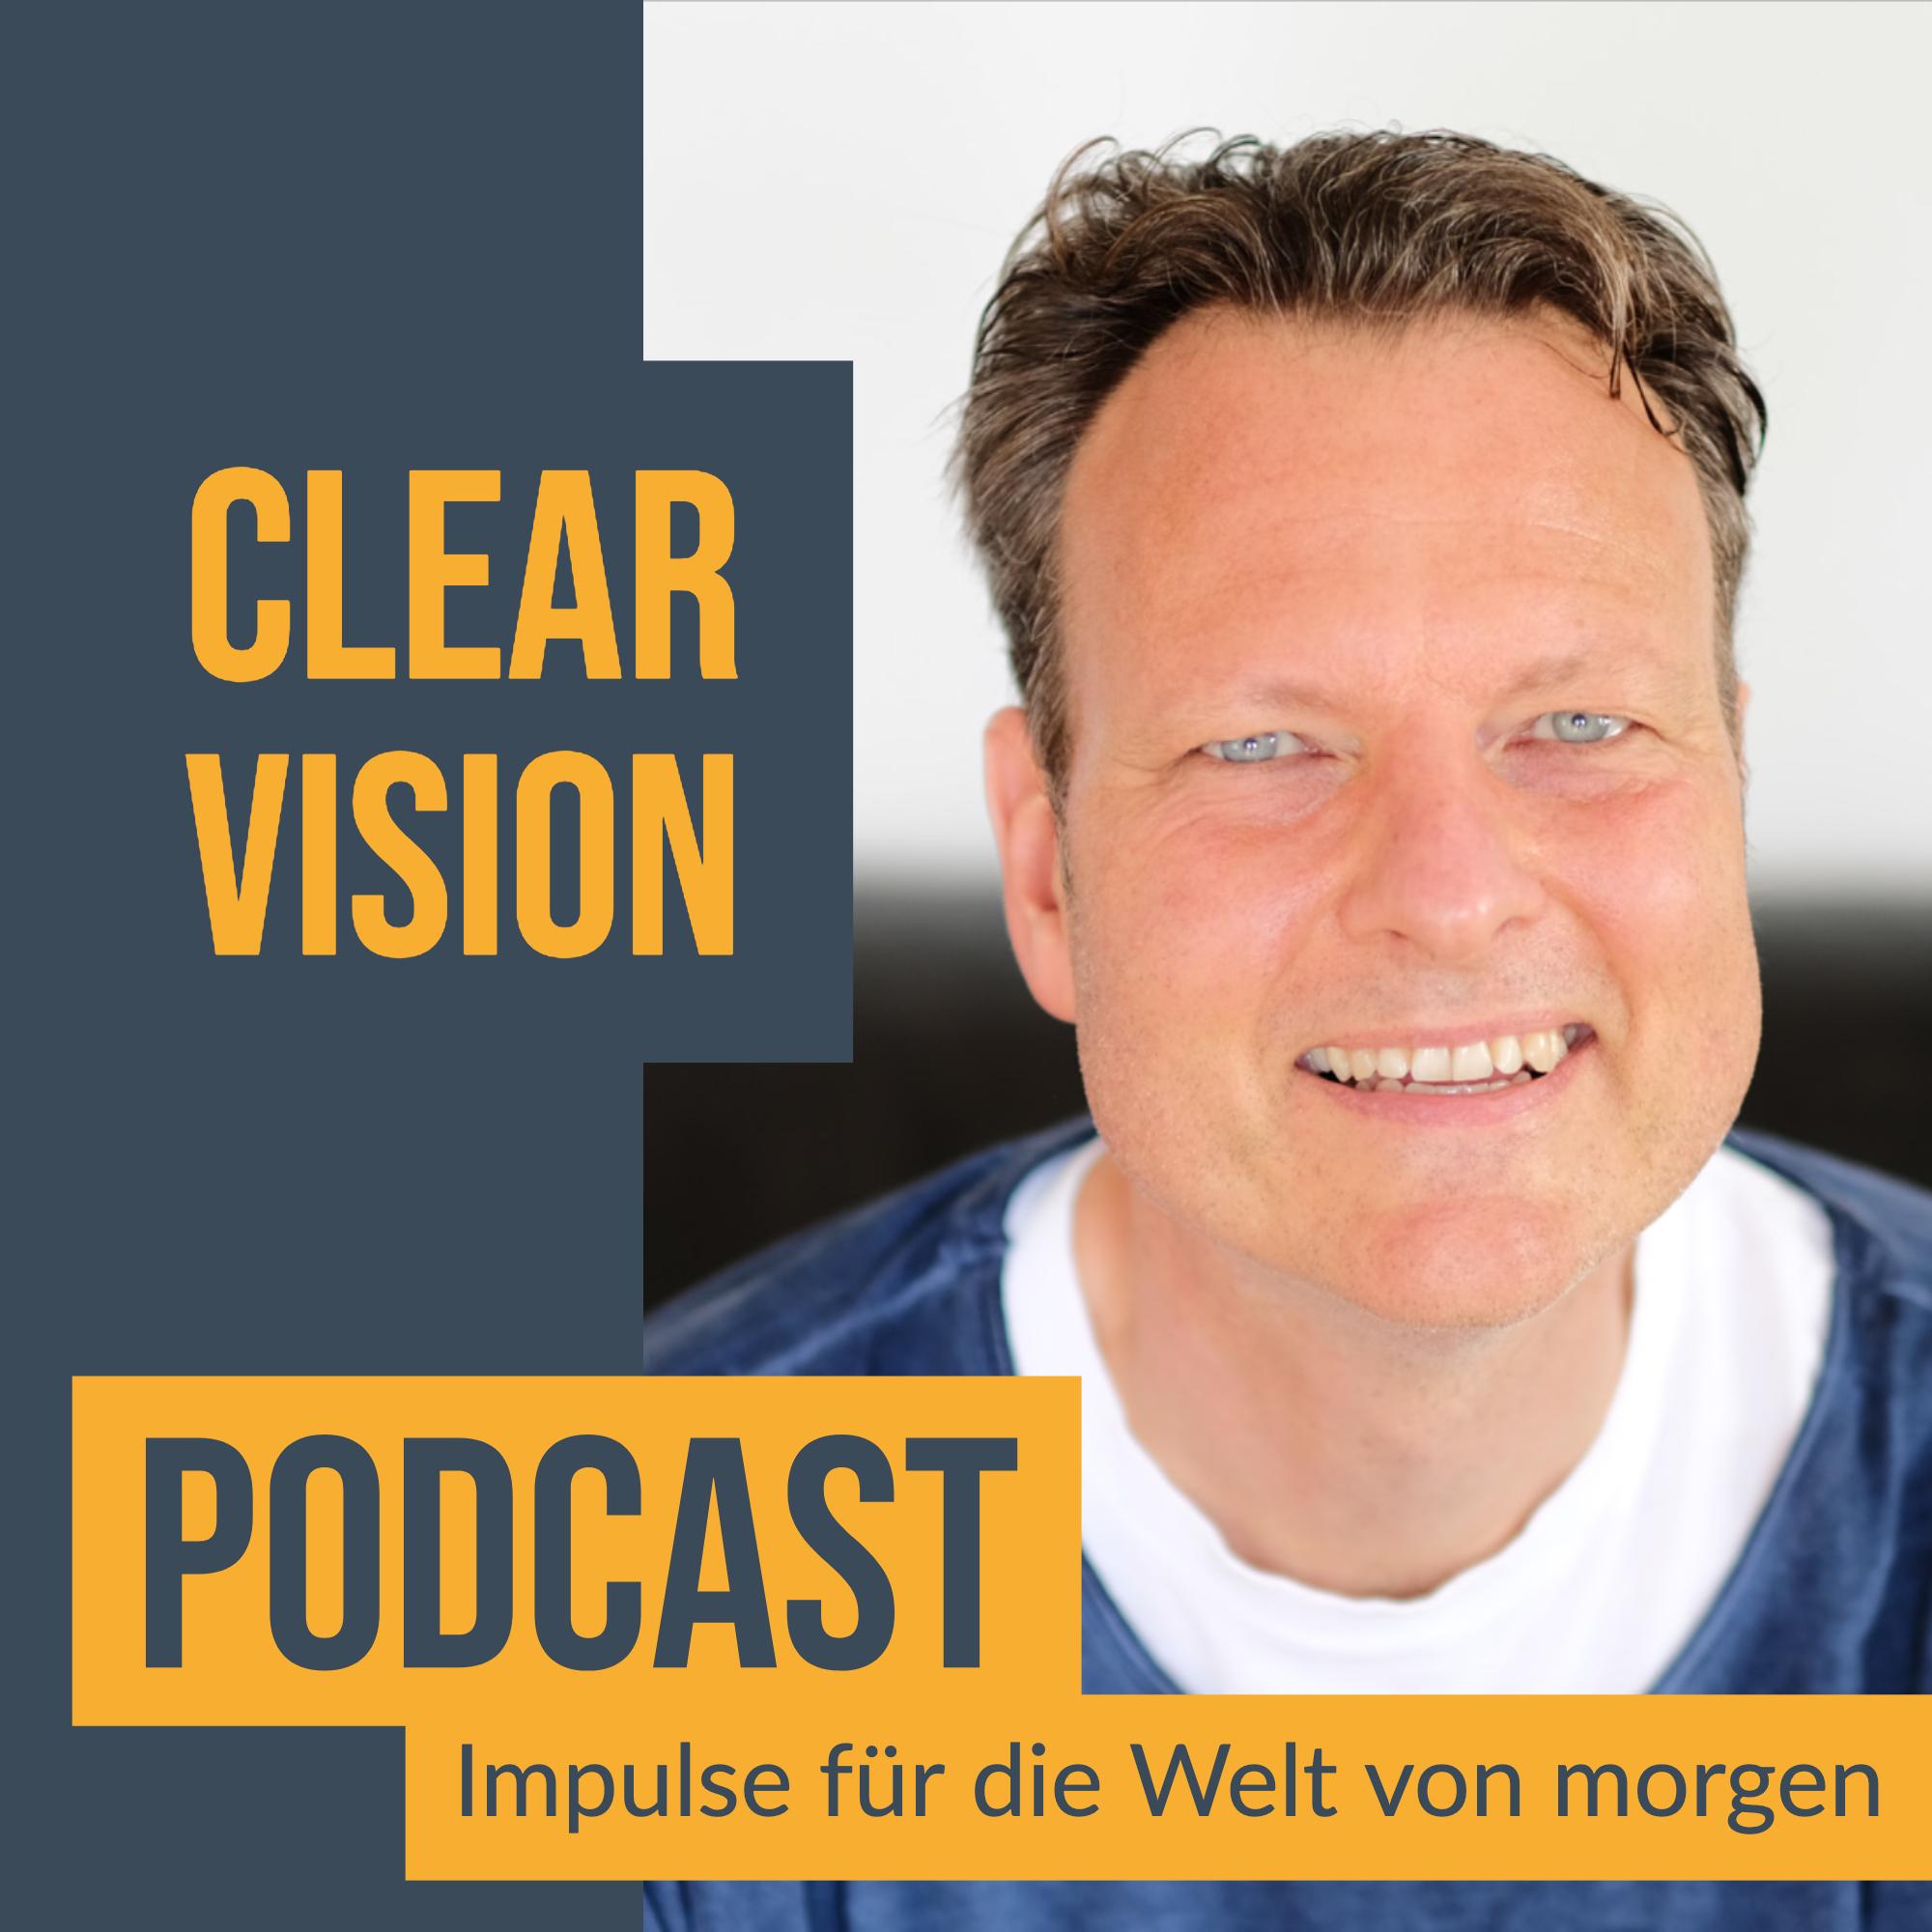 Der Clearvision Podcast - Impulse für die Welt von morgen show art